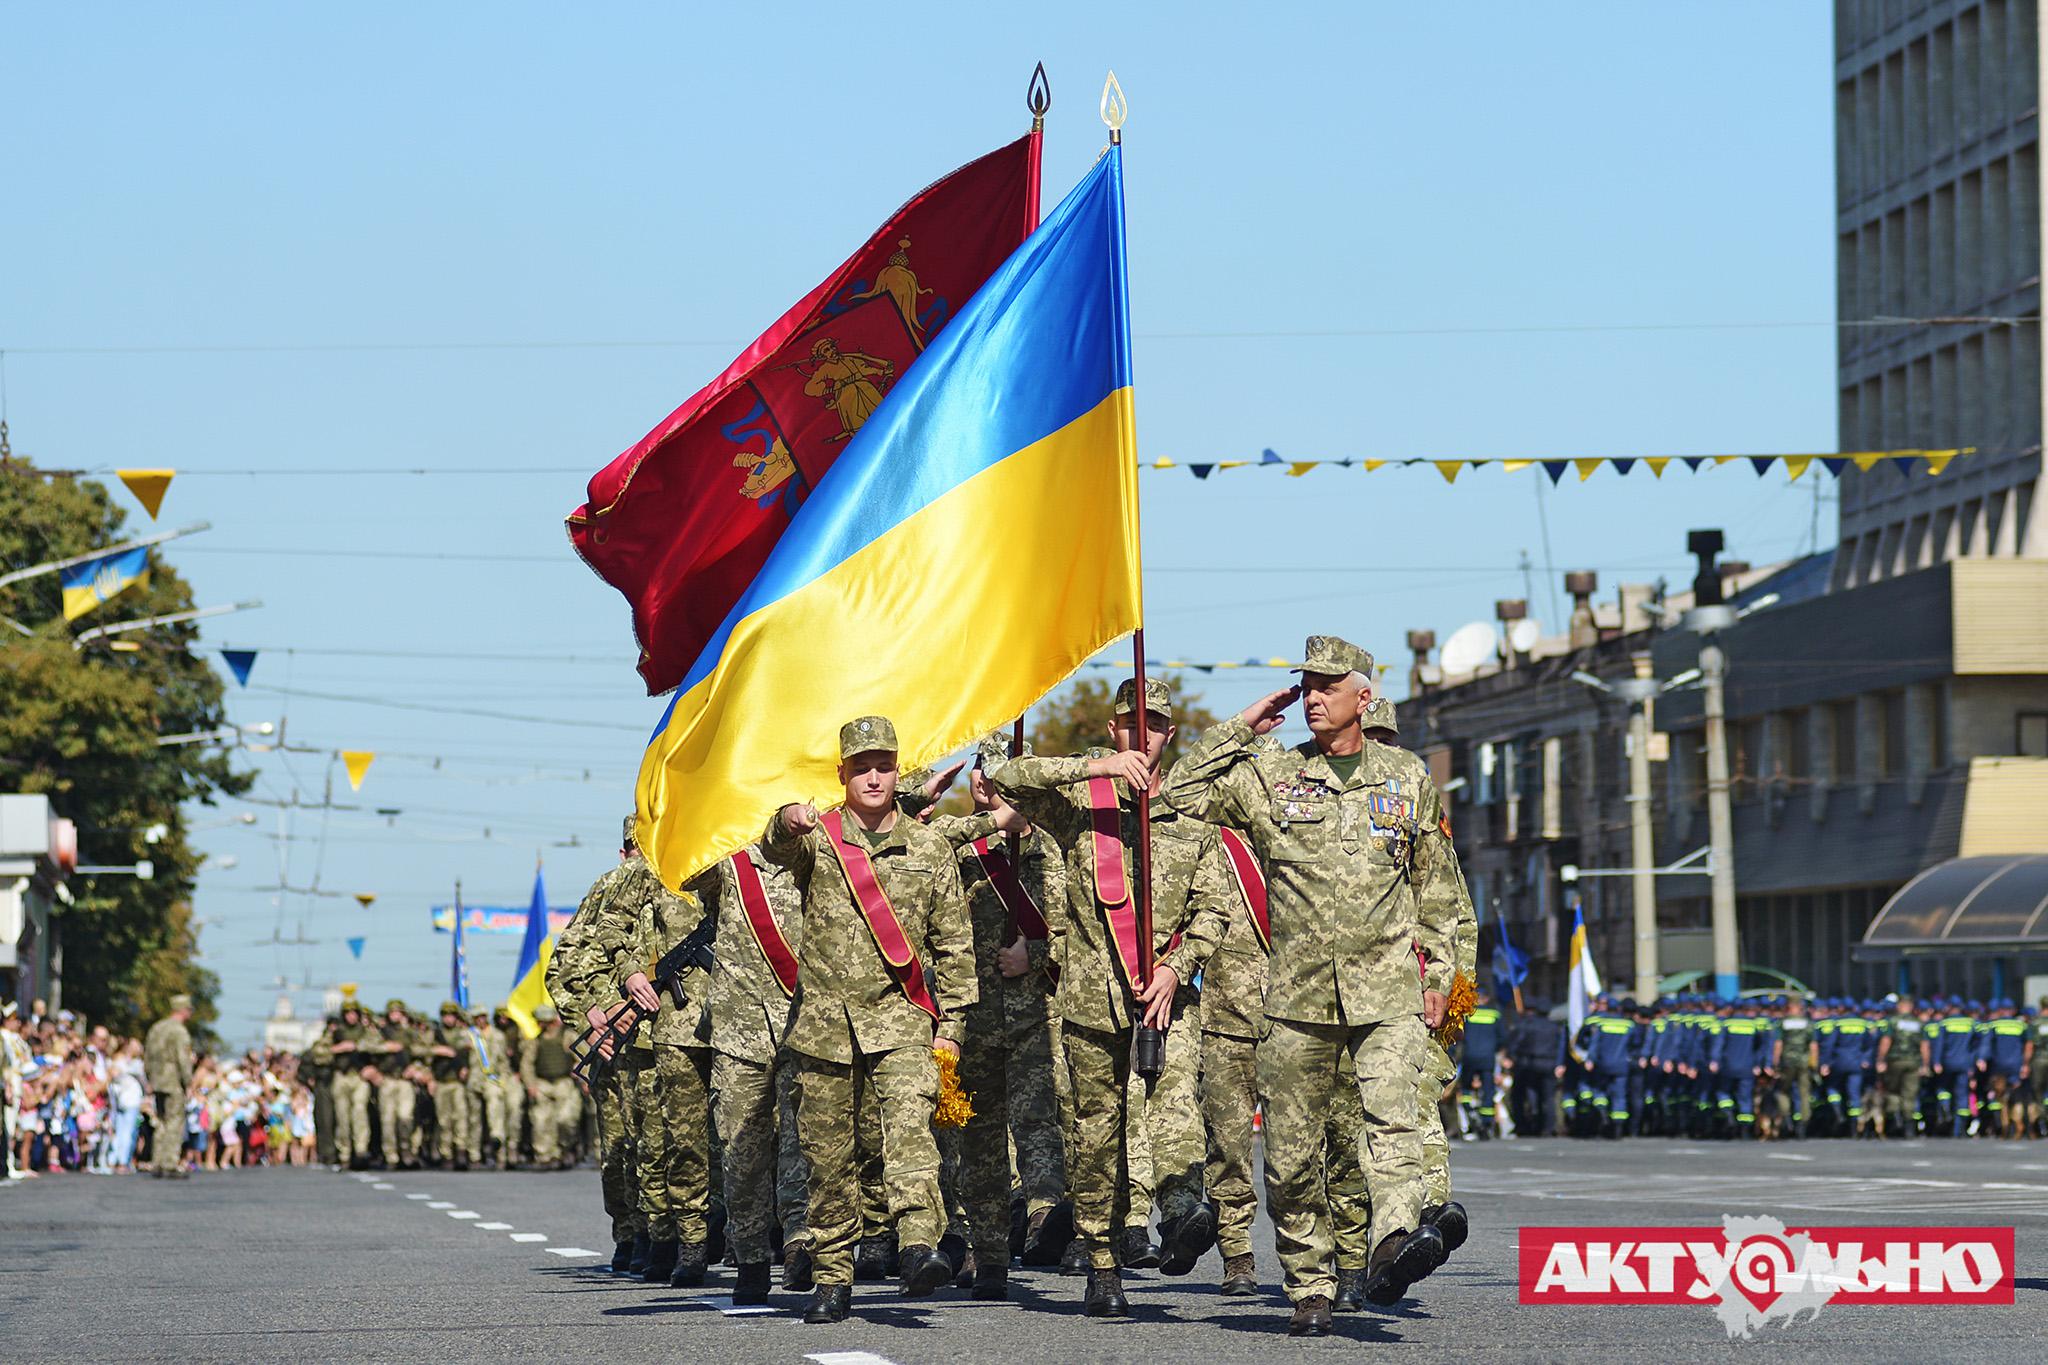 Как в Запорожье празднуют День независимости: по традиции прошёл военный парад (ФОТОРЕПОРТАЖ, часть 2)